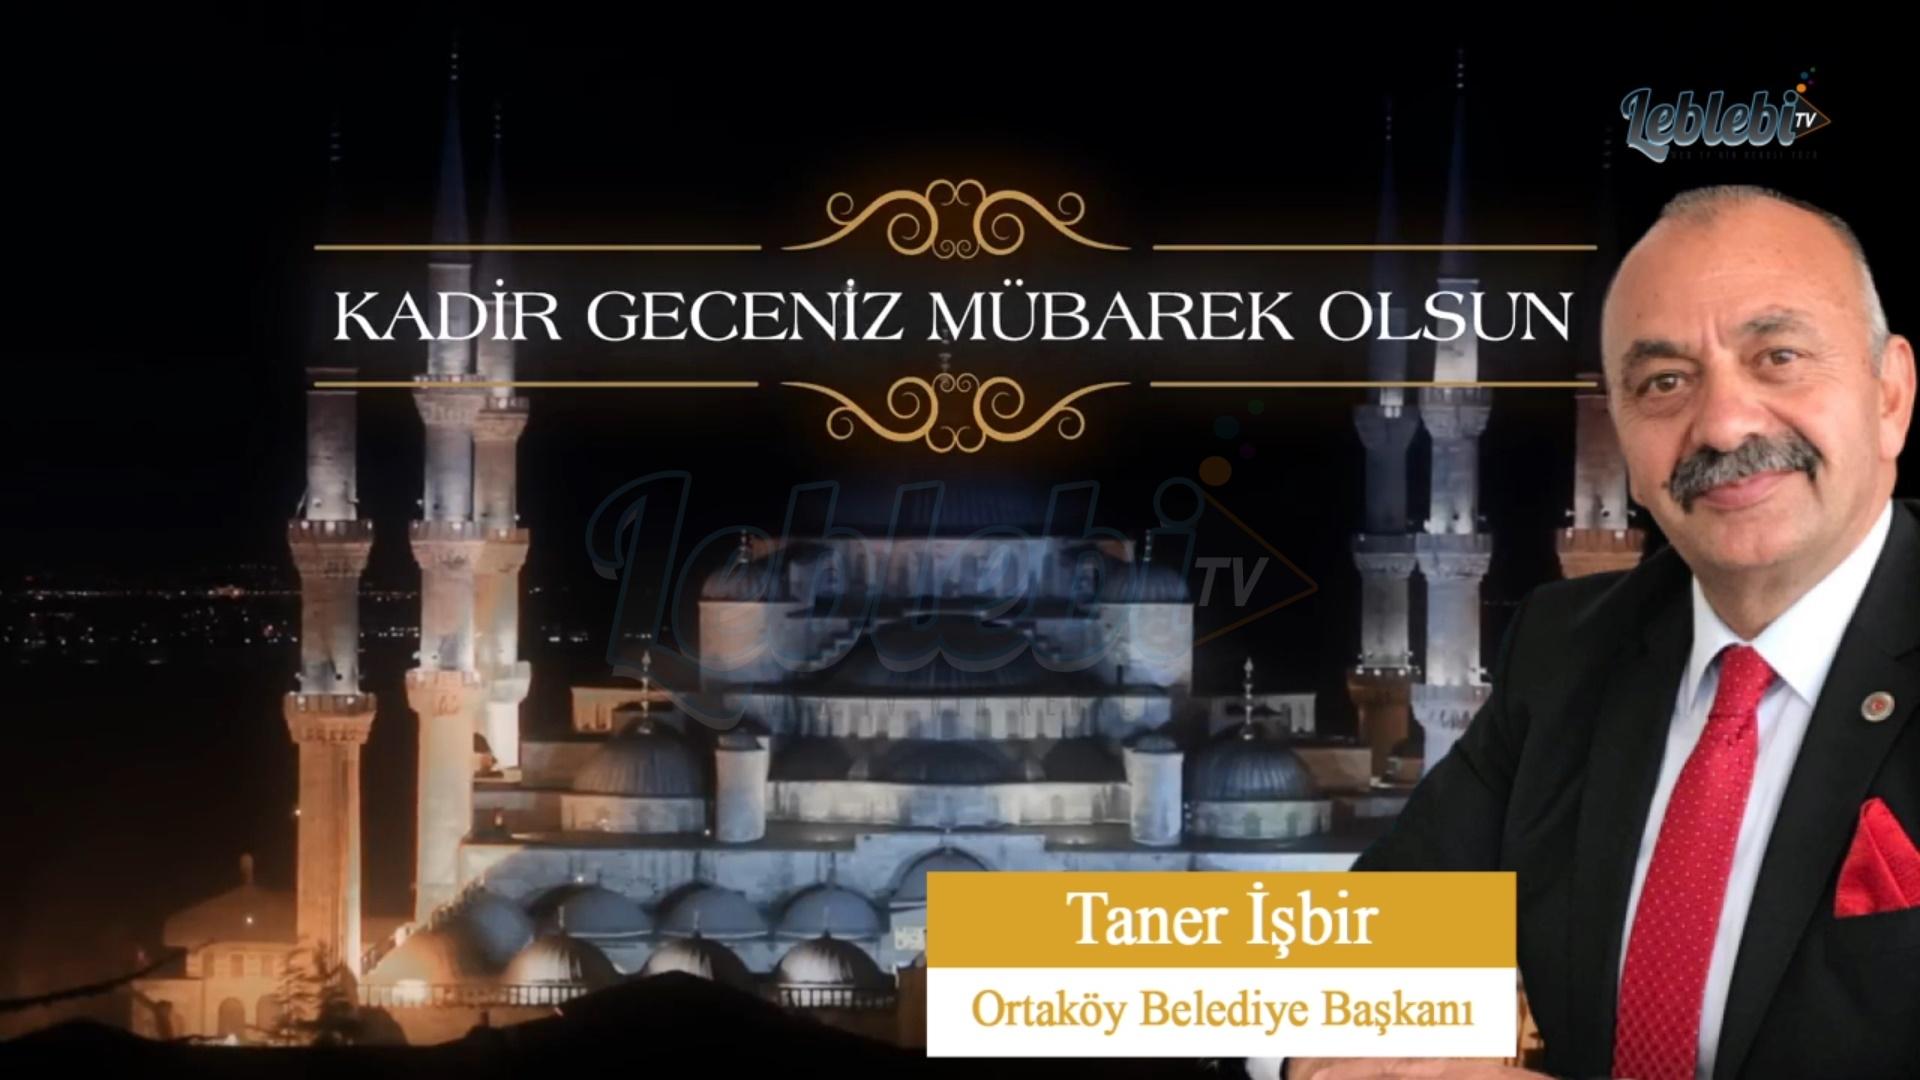 Kadir Gecemiz Mübarek Olsun. Taner İsbir – Ortaköy Belediye Başkanı